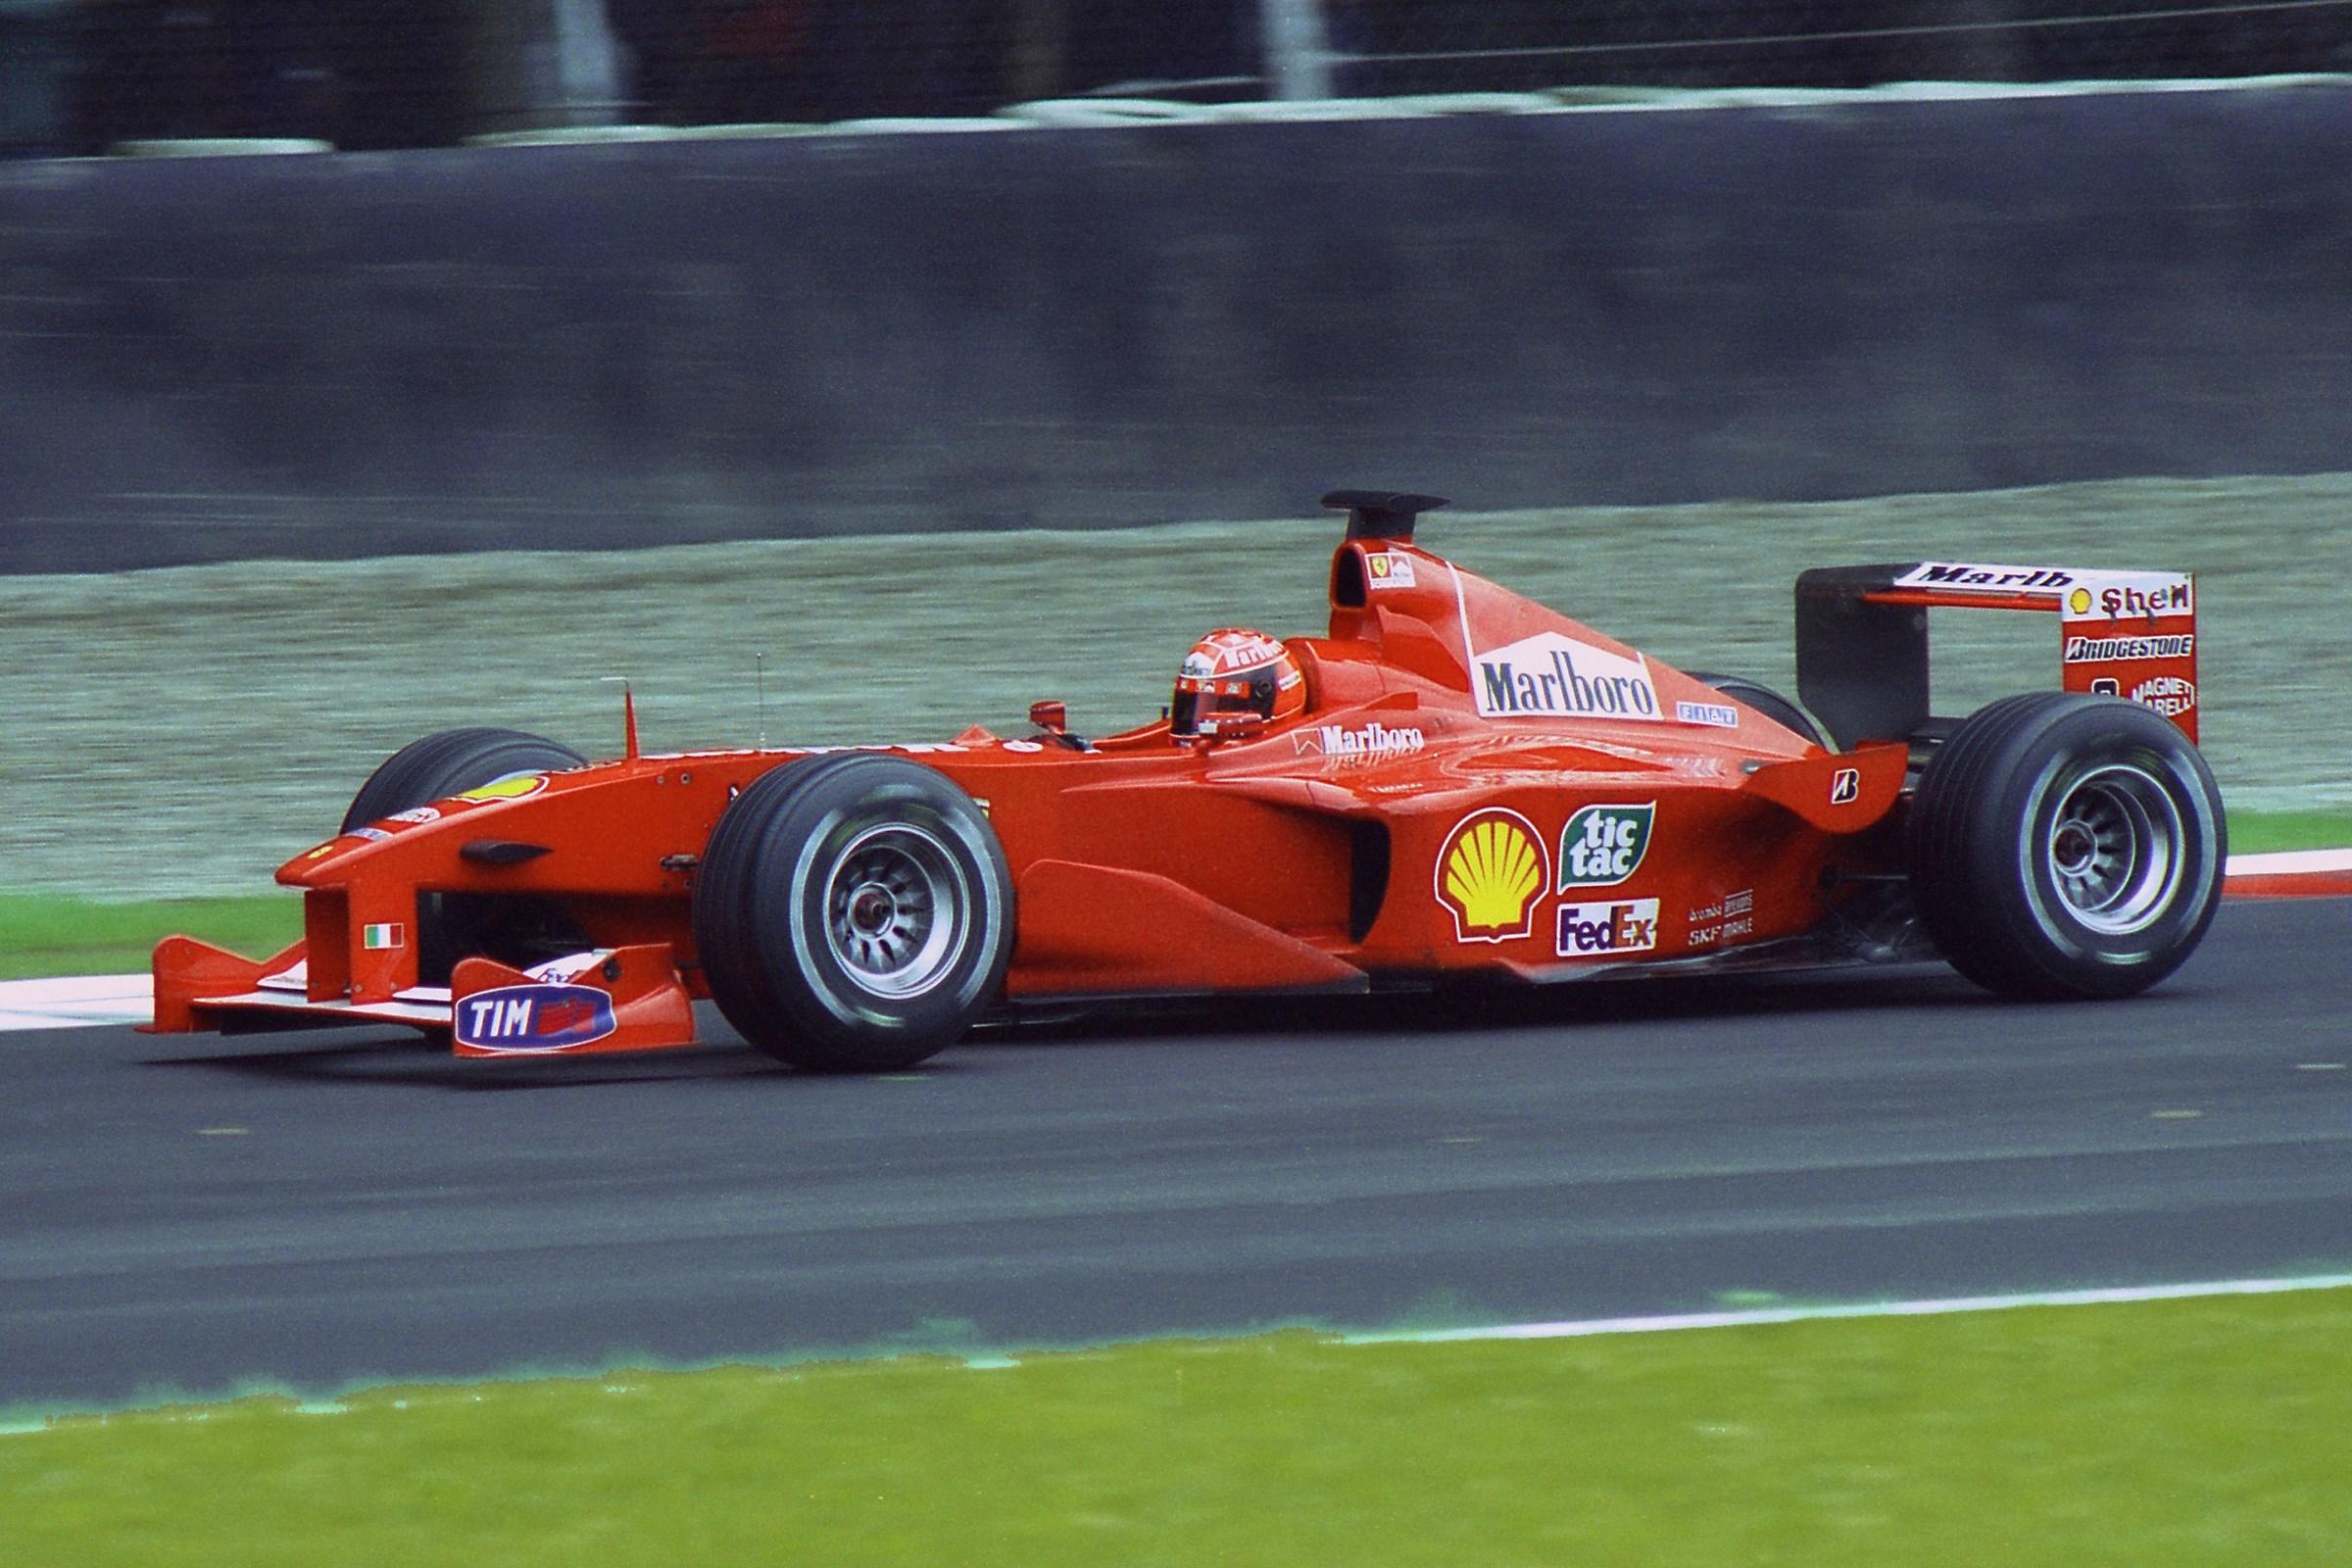 Schumy-Monza GP d'italia 2000...